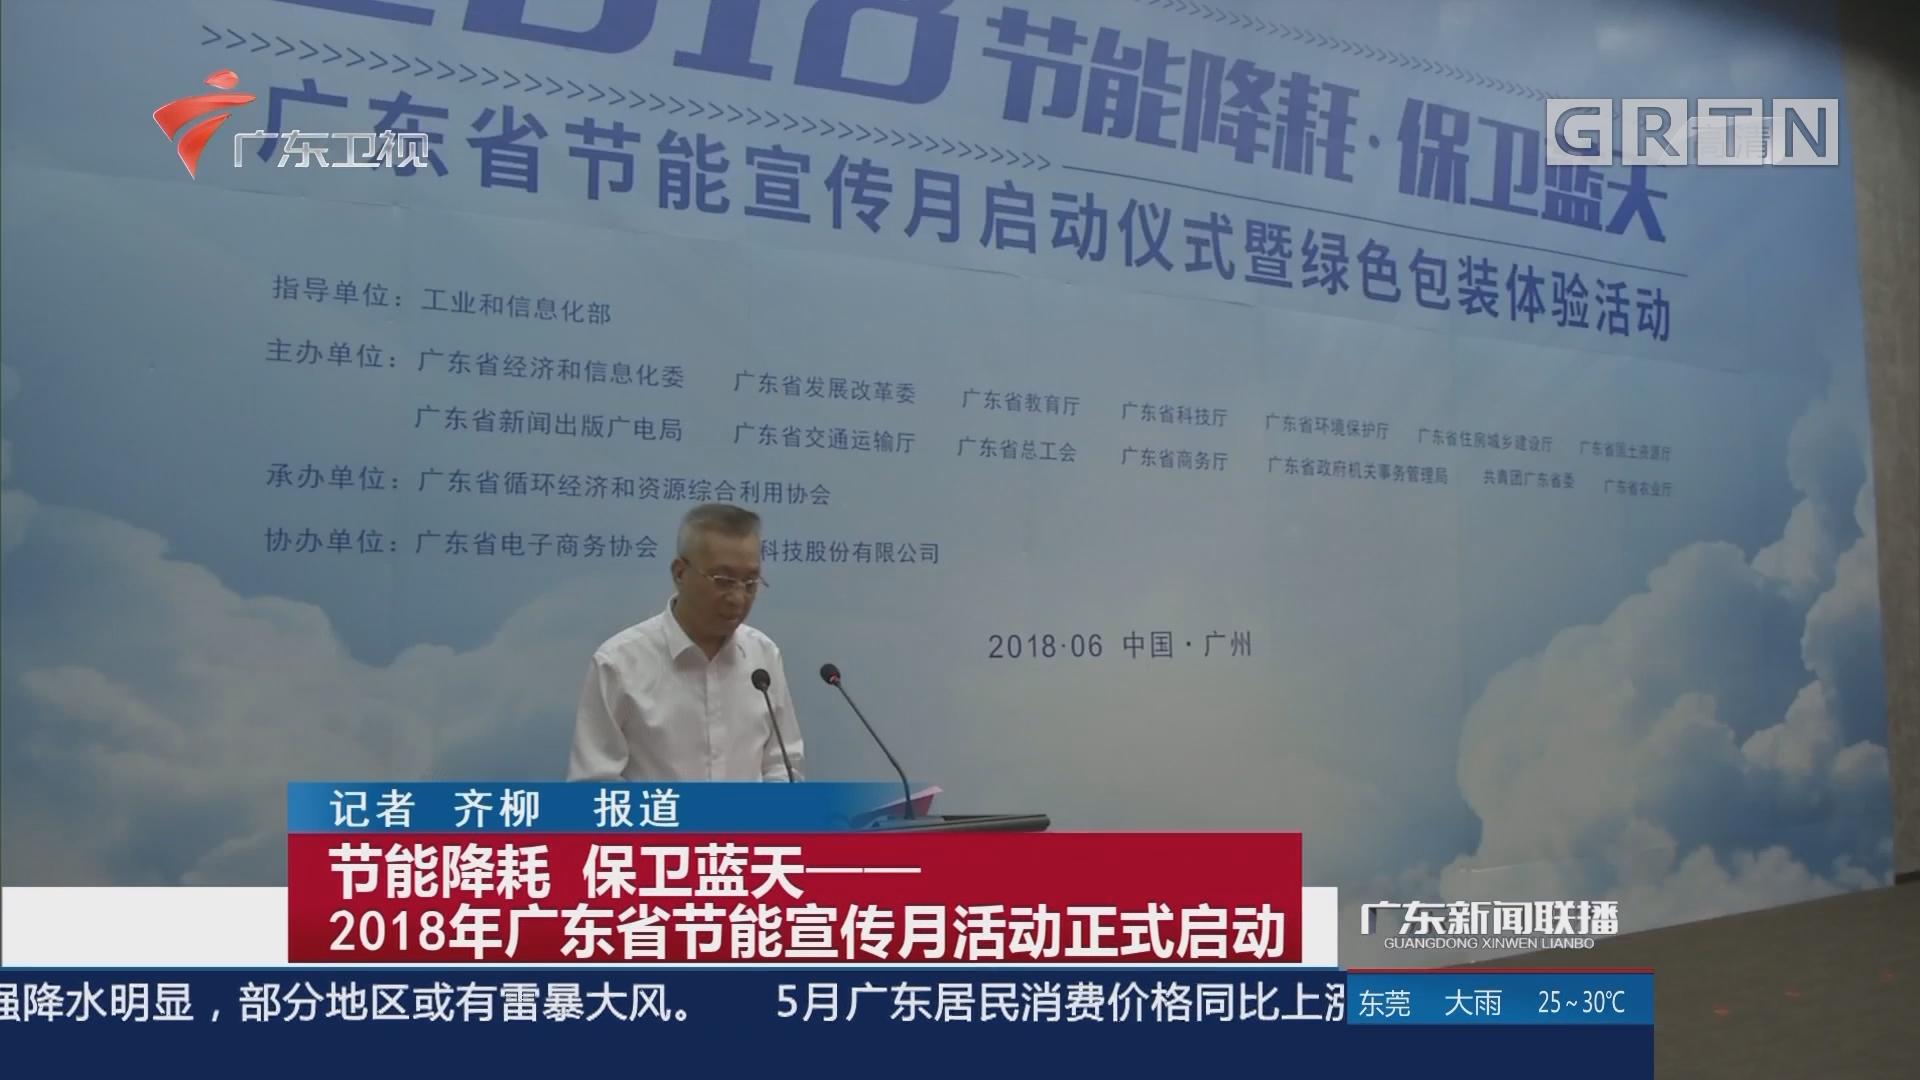 节能降耗 保卫蓝天——2018年广东省节能宣传月活动正式启动